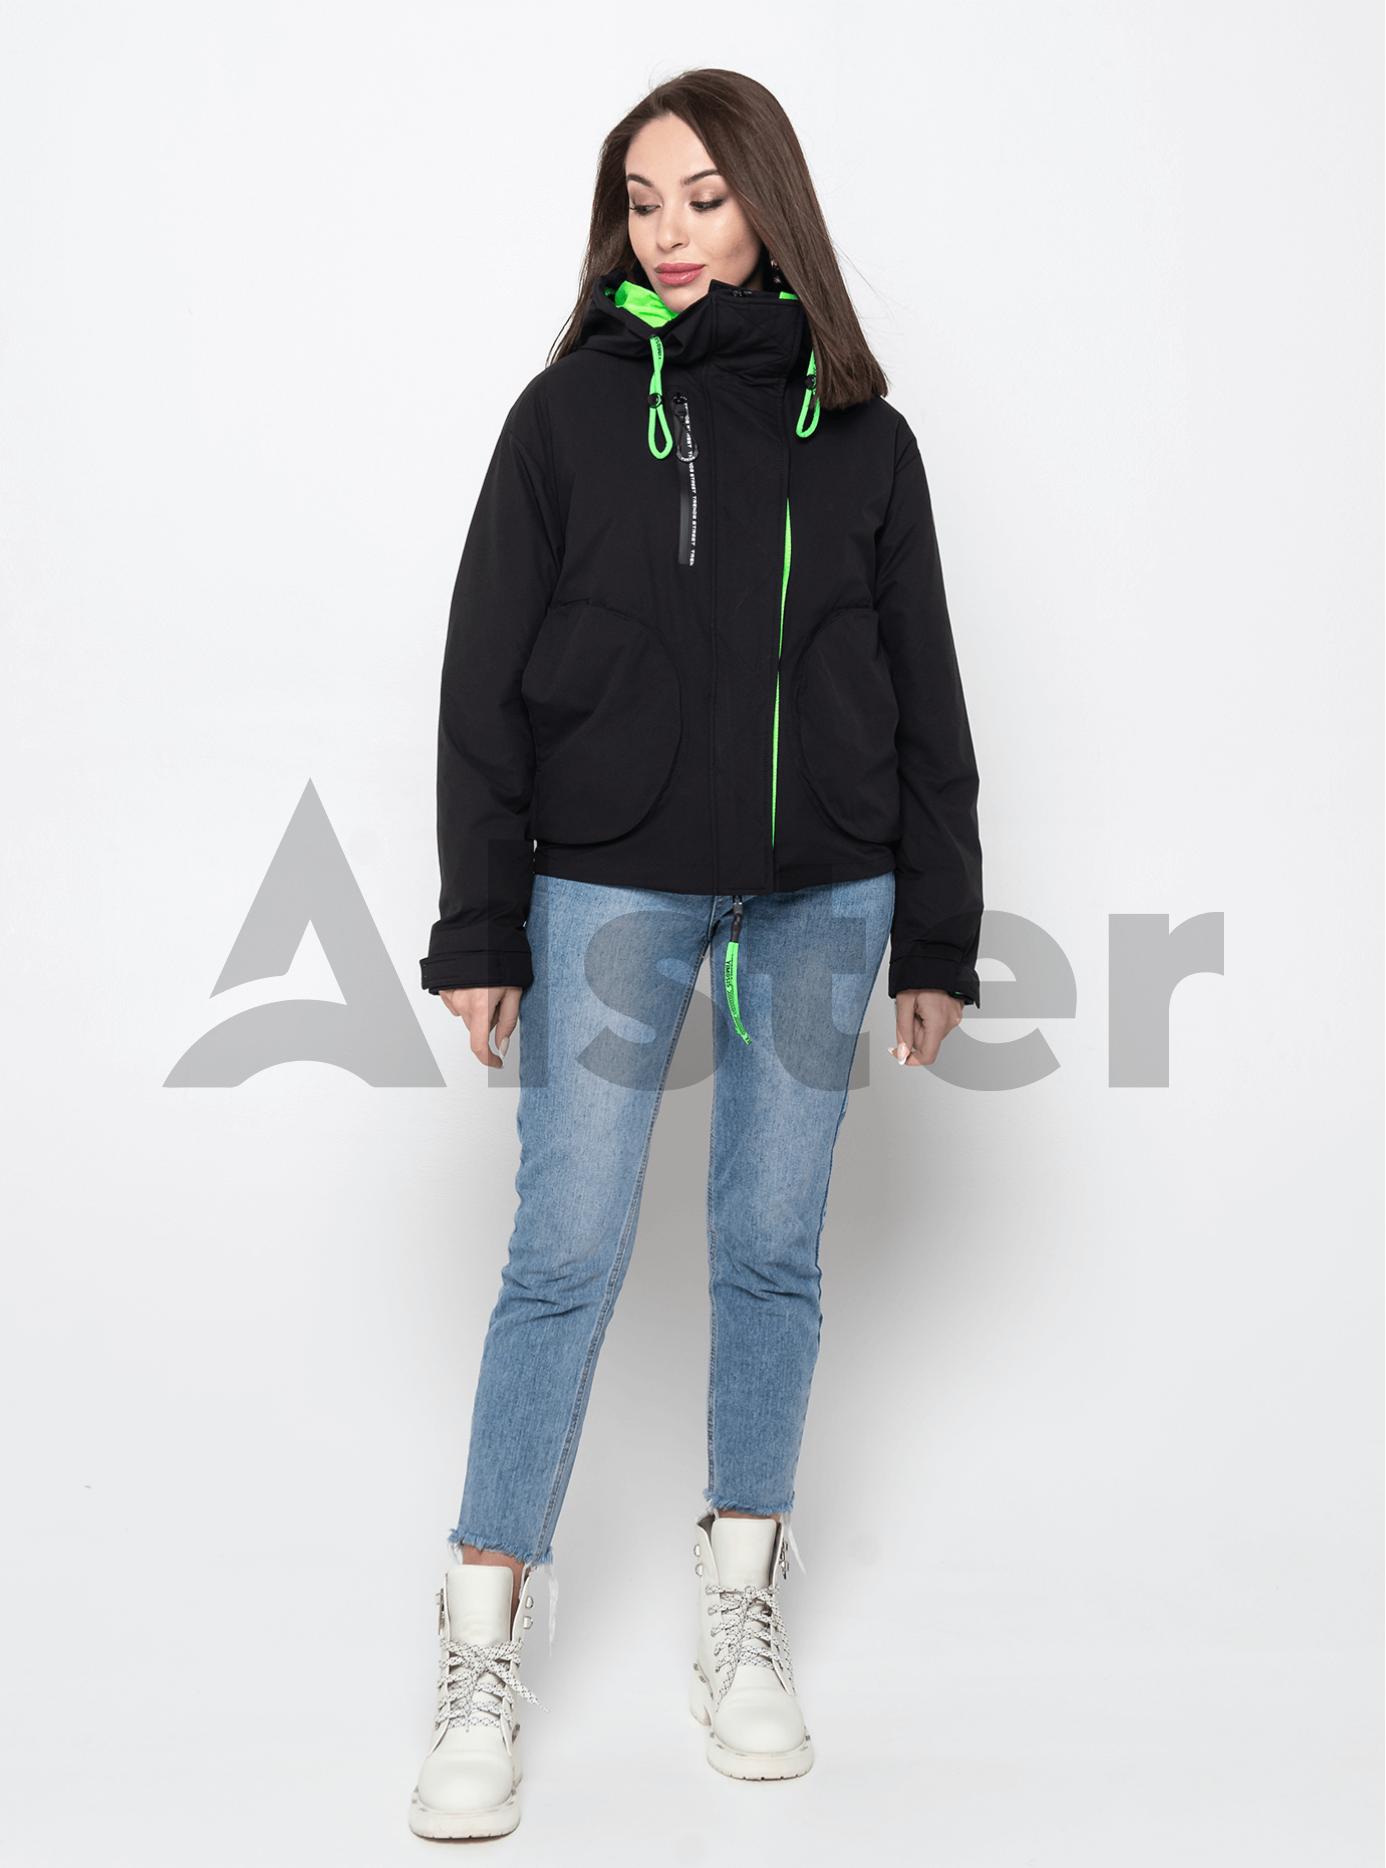 Куртка демисезонная с круглыми карманами Чёрный M (02-Y191066): фото - Alster.ua